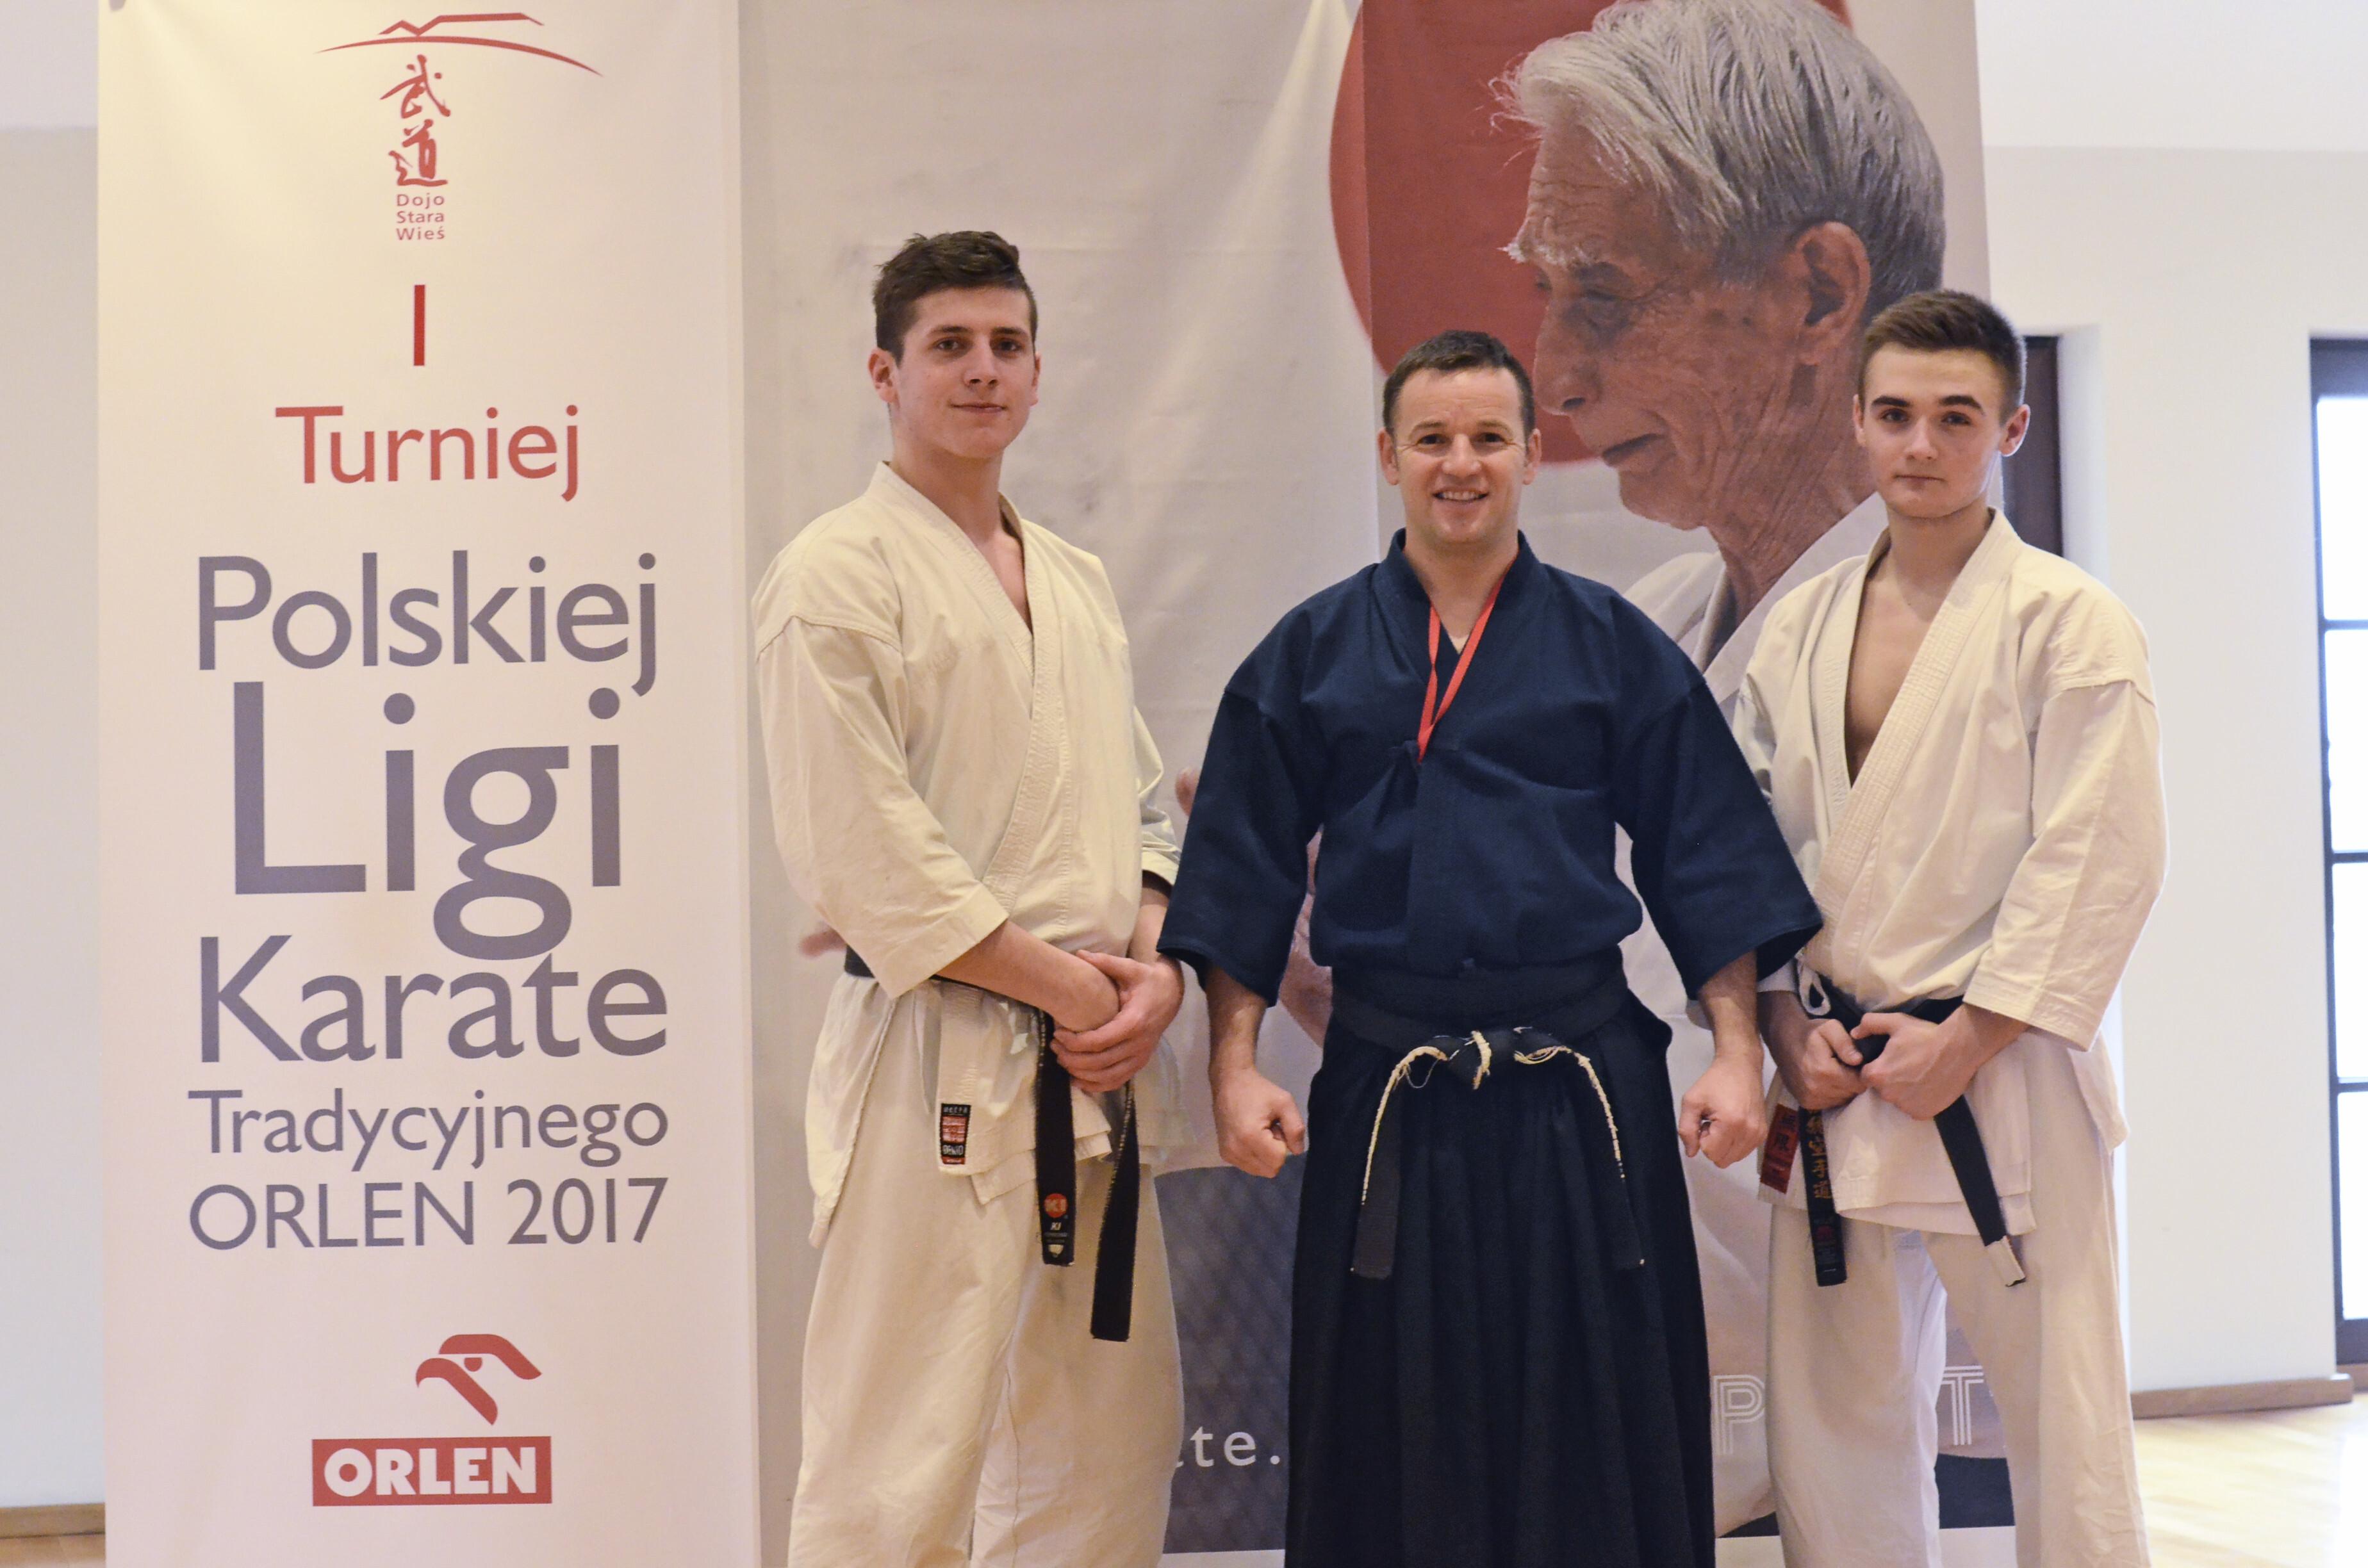 <p>Wiktor Staszak zwyciężył w pierwszym turnieju Polskiej Ligi Karate Tradycyjnego. Paweł Tomasik uplasował się na czwartym miejscu. Obaj zawodnicy zadebiutowali w PLKT. Turniej odbył się 19 marca w Dojo Stara Wieś.</p>